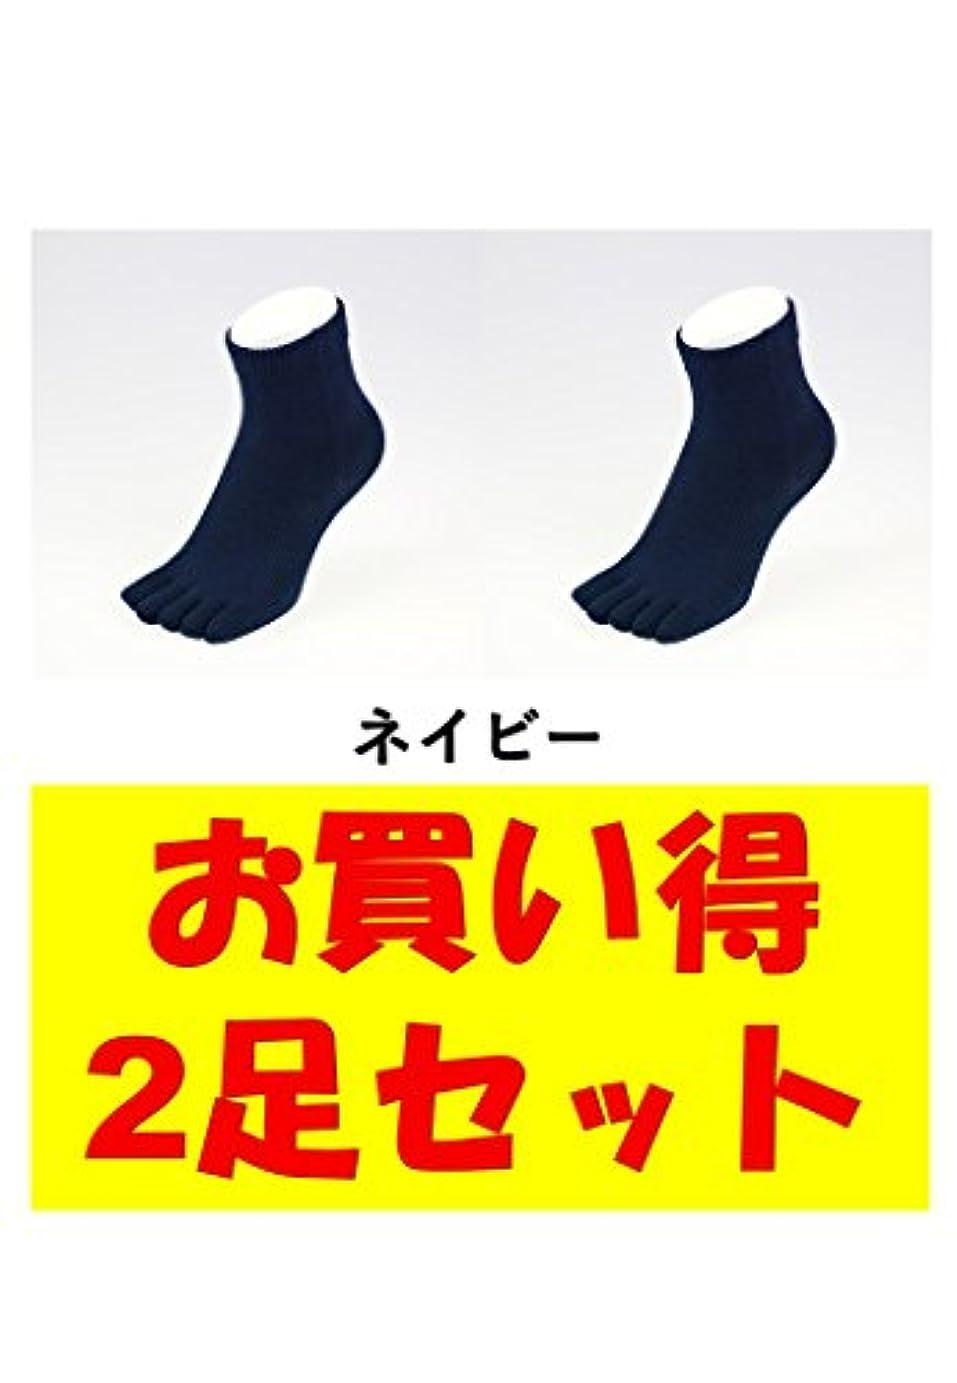 アクロバット保護モノグラフお買い得2足セット 5本指 ゆびのばソックス Neo EVE(イヴ) ネイビー Sサイズ(21.0cm - 24.0cm) YSNEVE-NVY